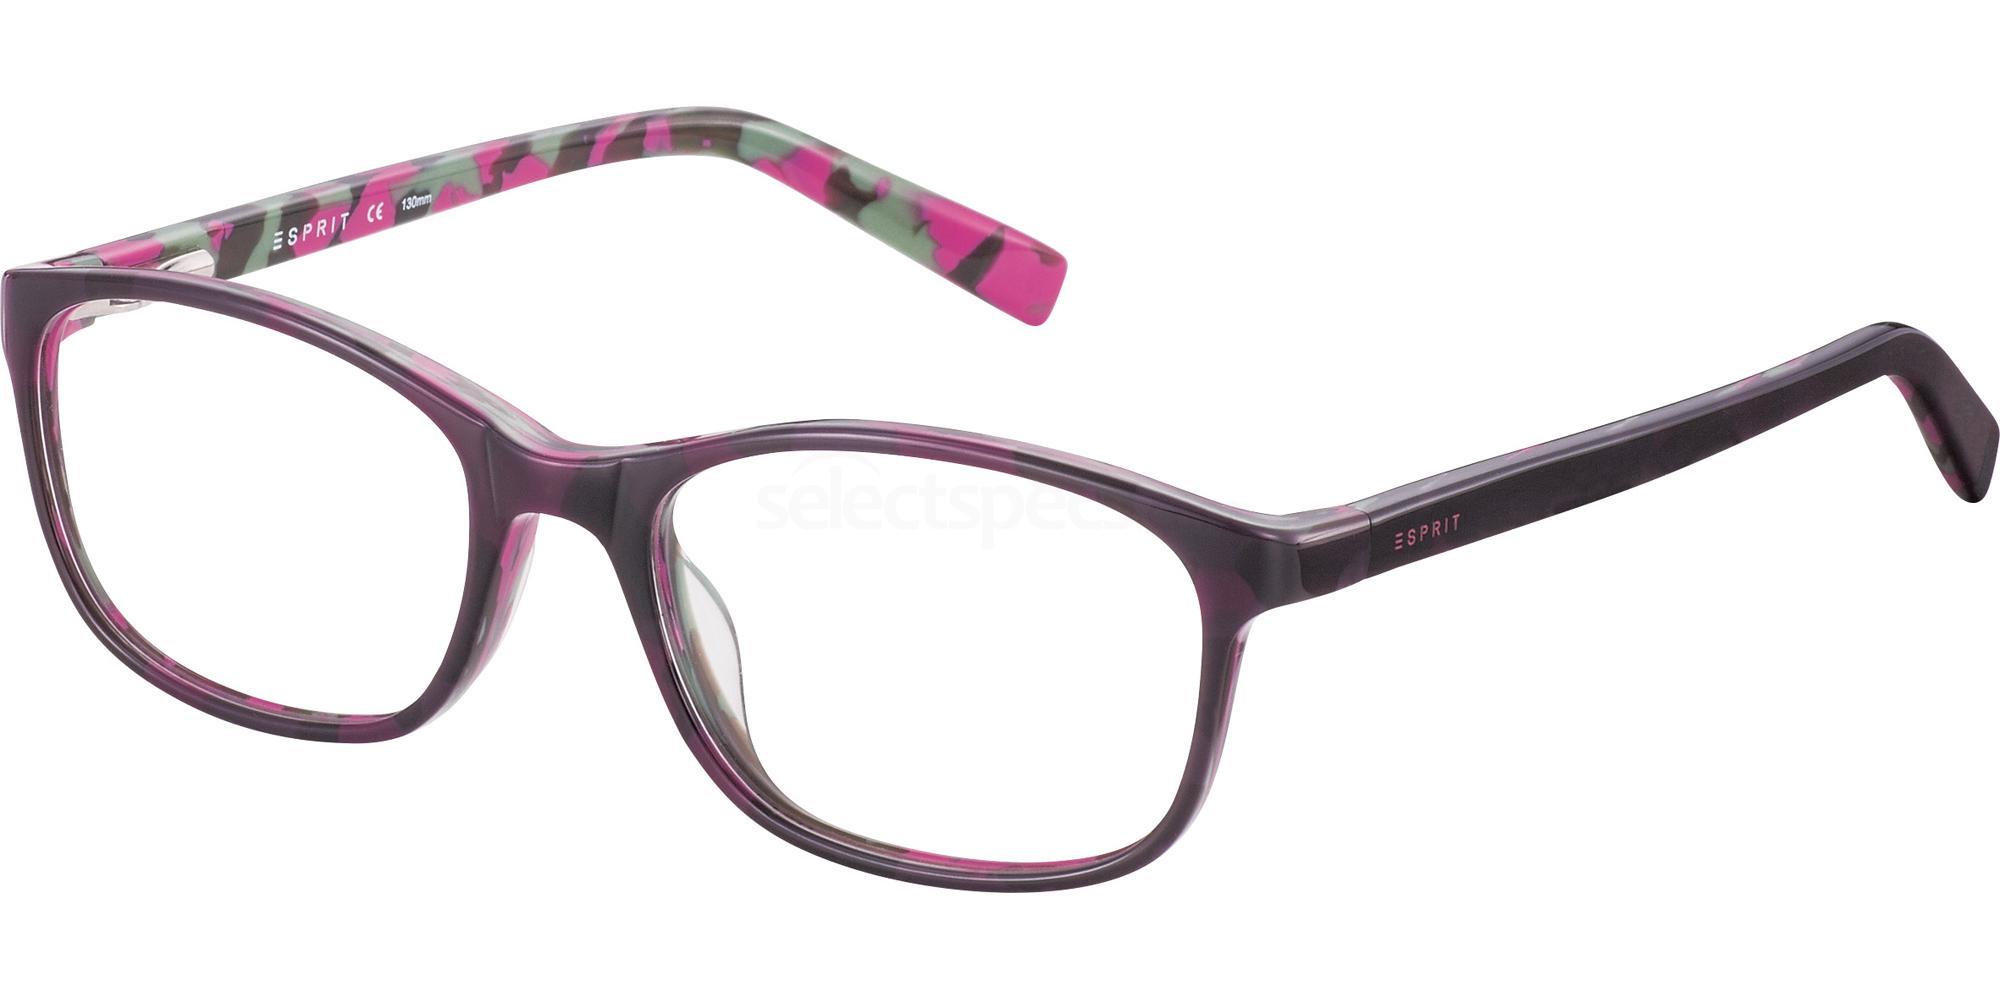 534 ET17505 Glasses, Esprit